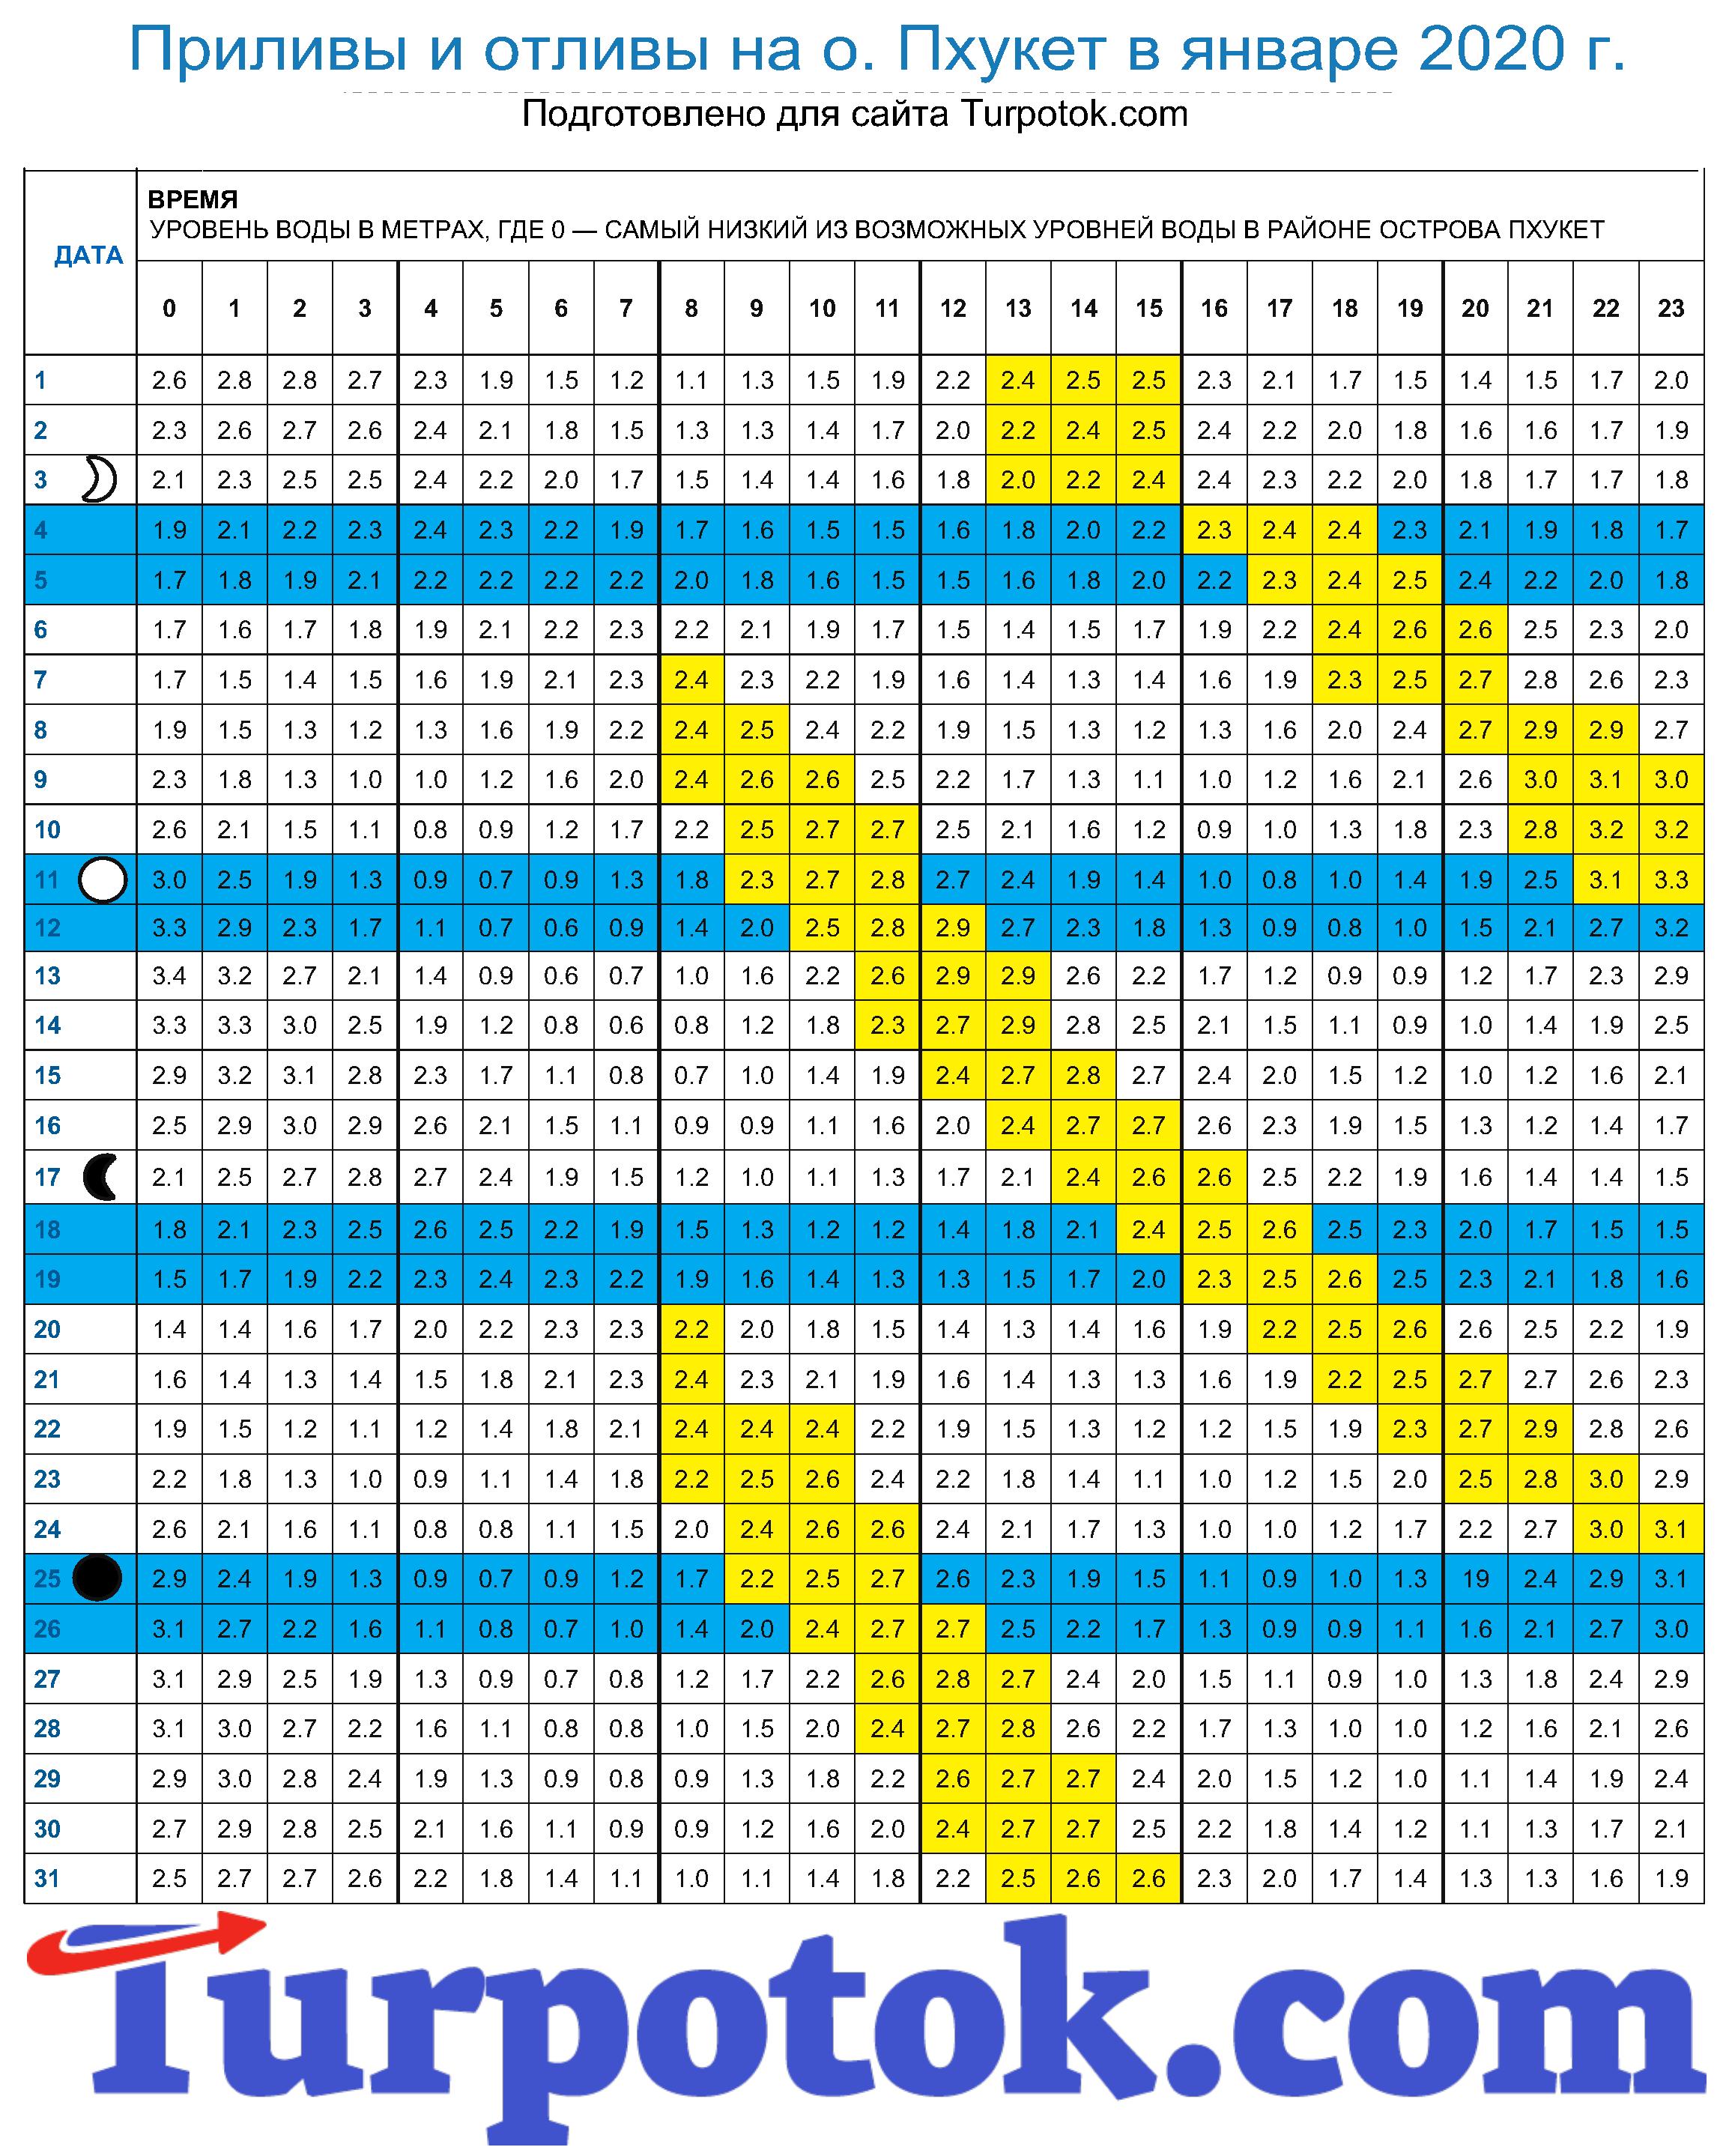 График наступления отливов и приливов на о. Пхукет в январе 2020